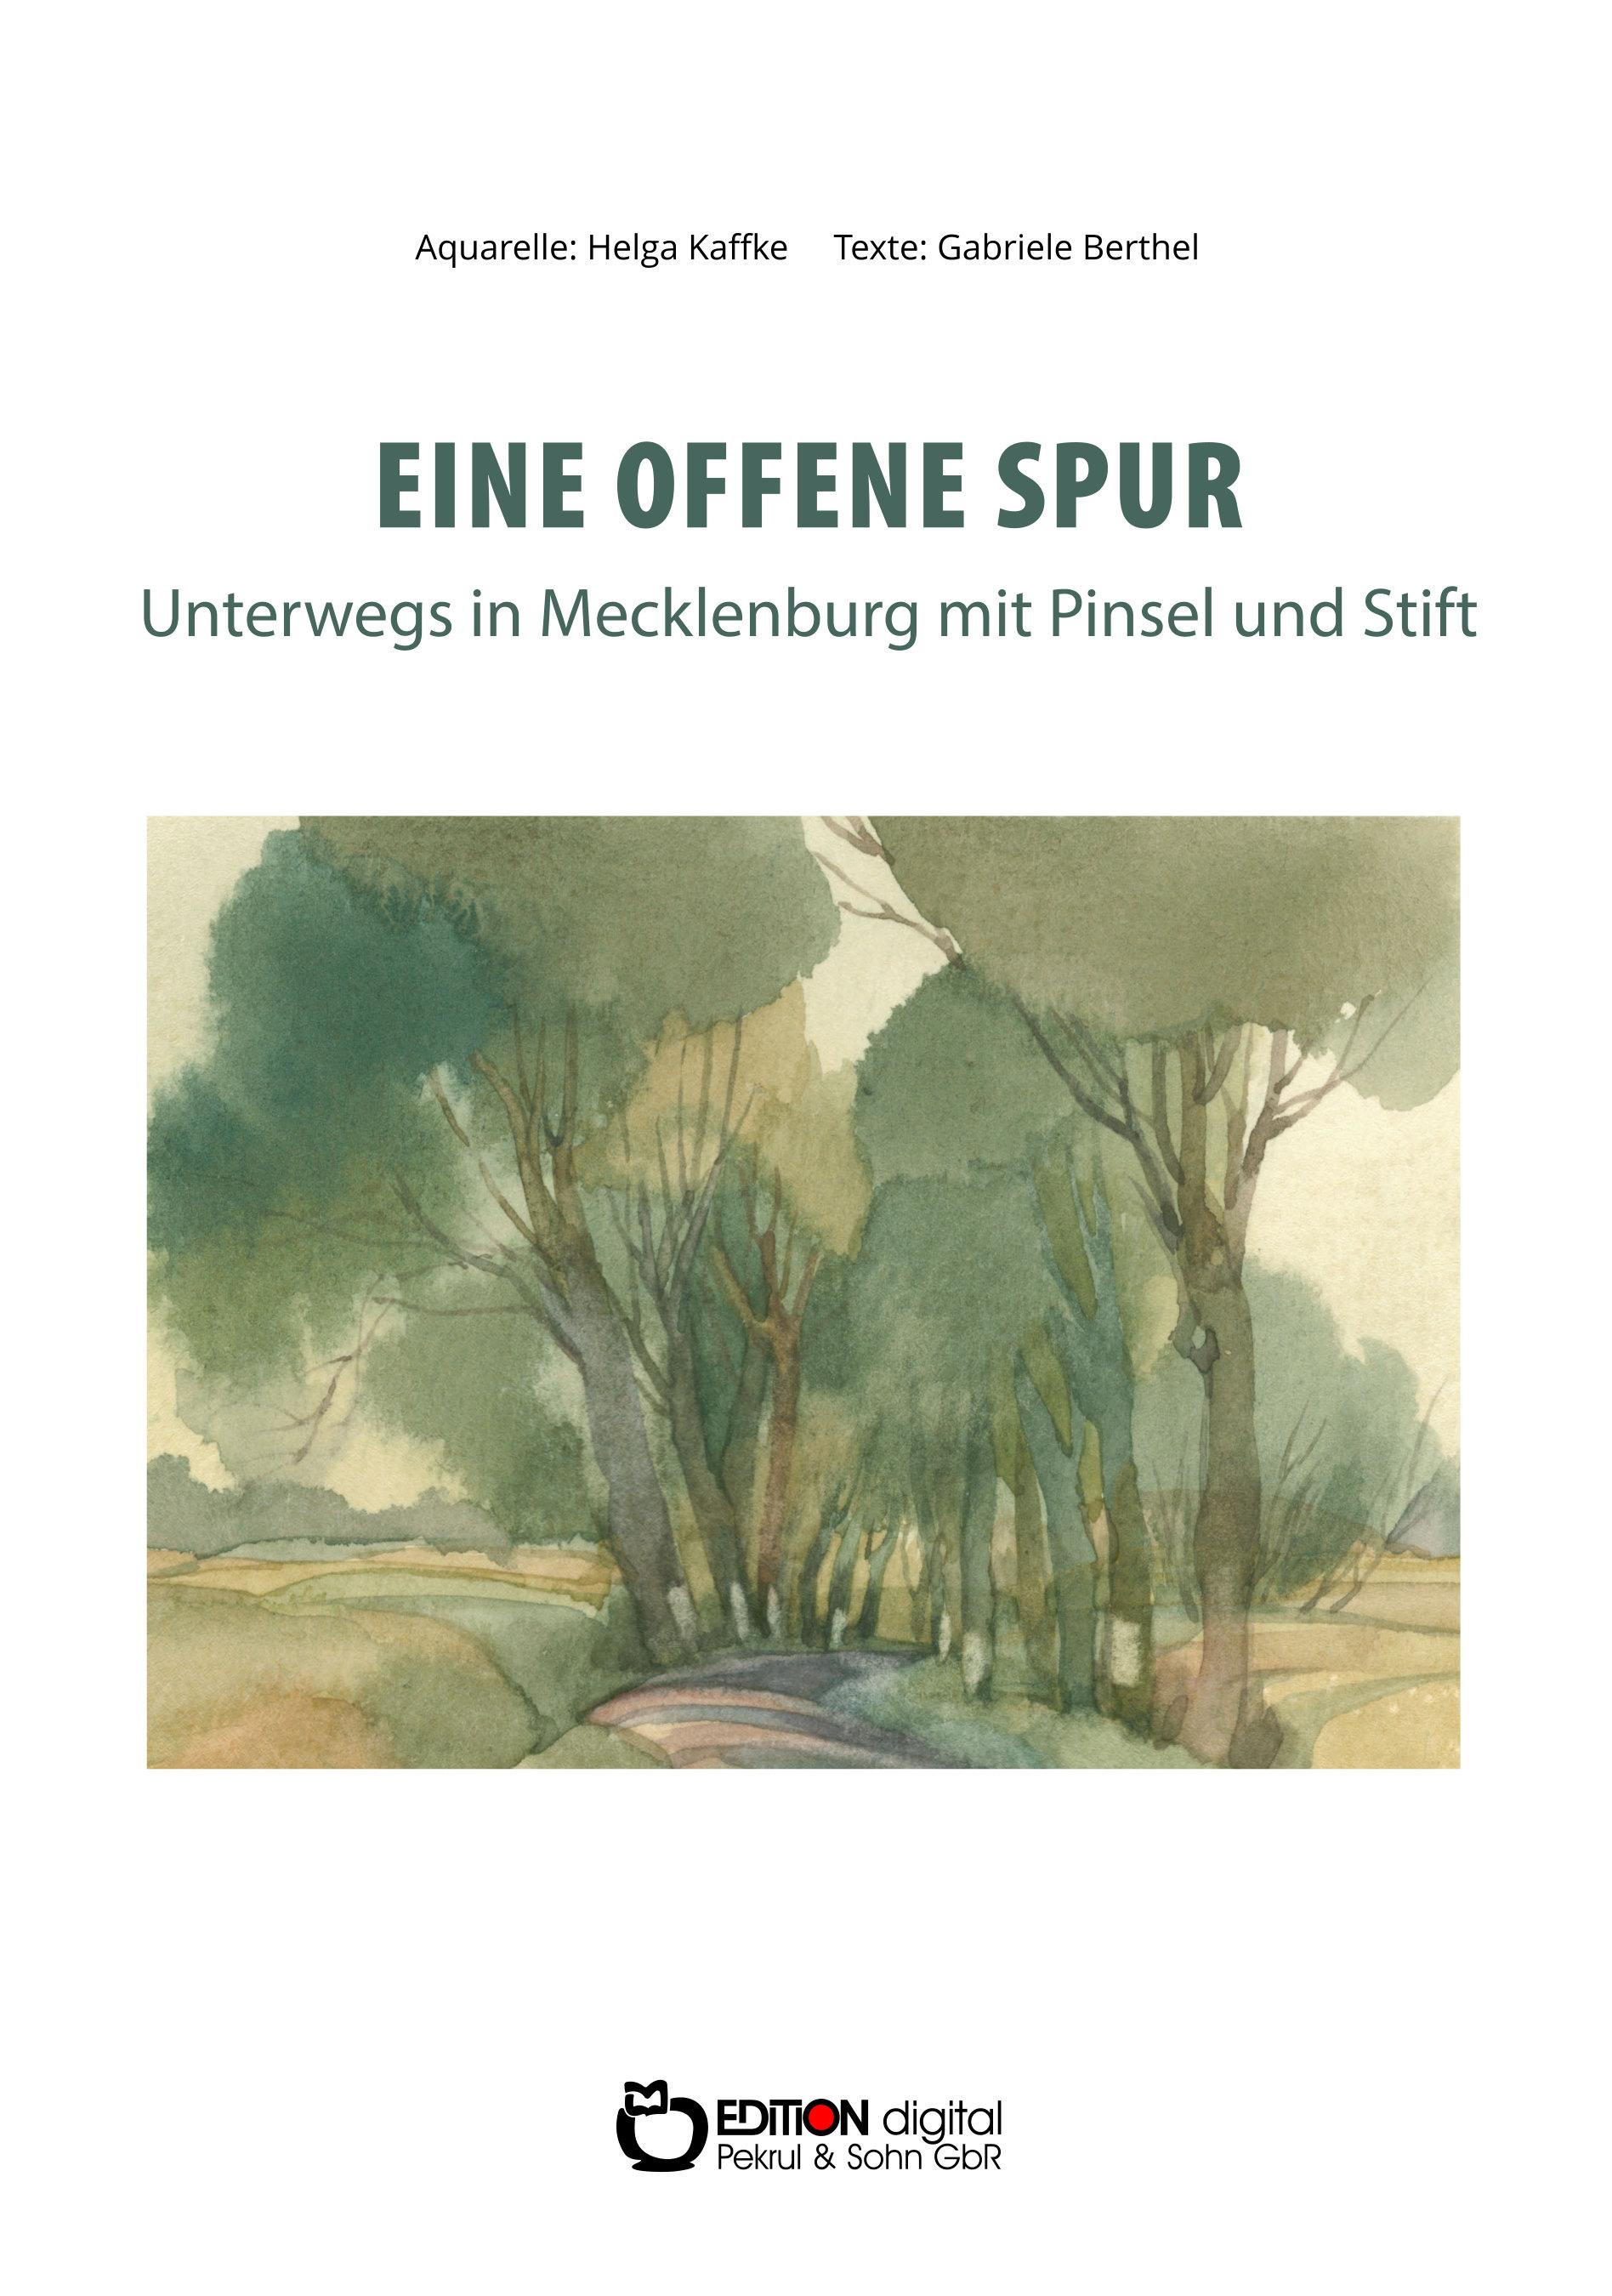 Eine offene Spur. Unterwegs in Mecklenburg mit Pinsel und Stift von Gabriele Berthel, Helga Kaffke (Illustrator)